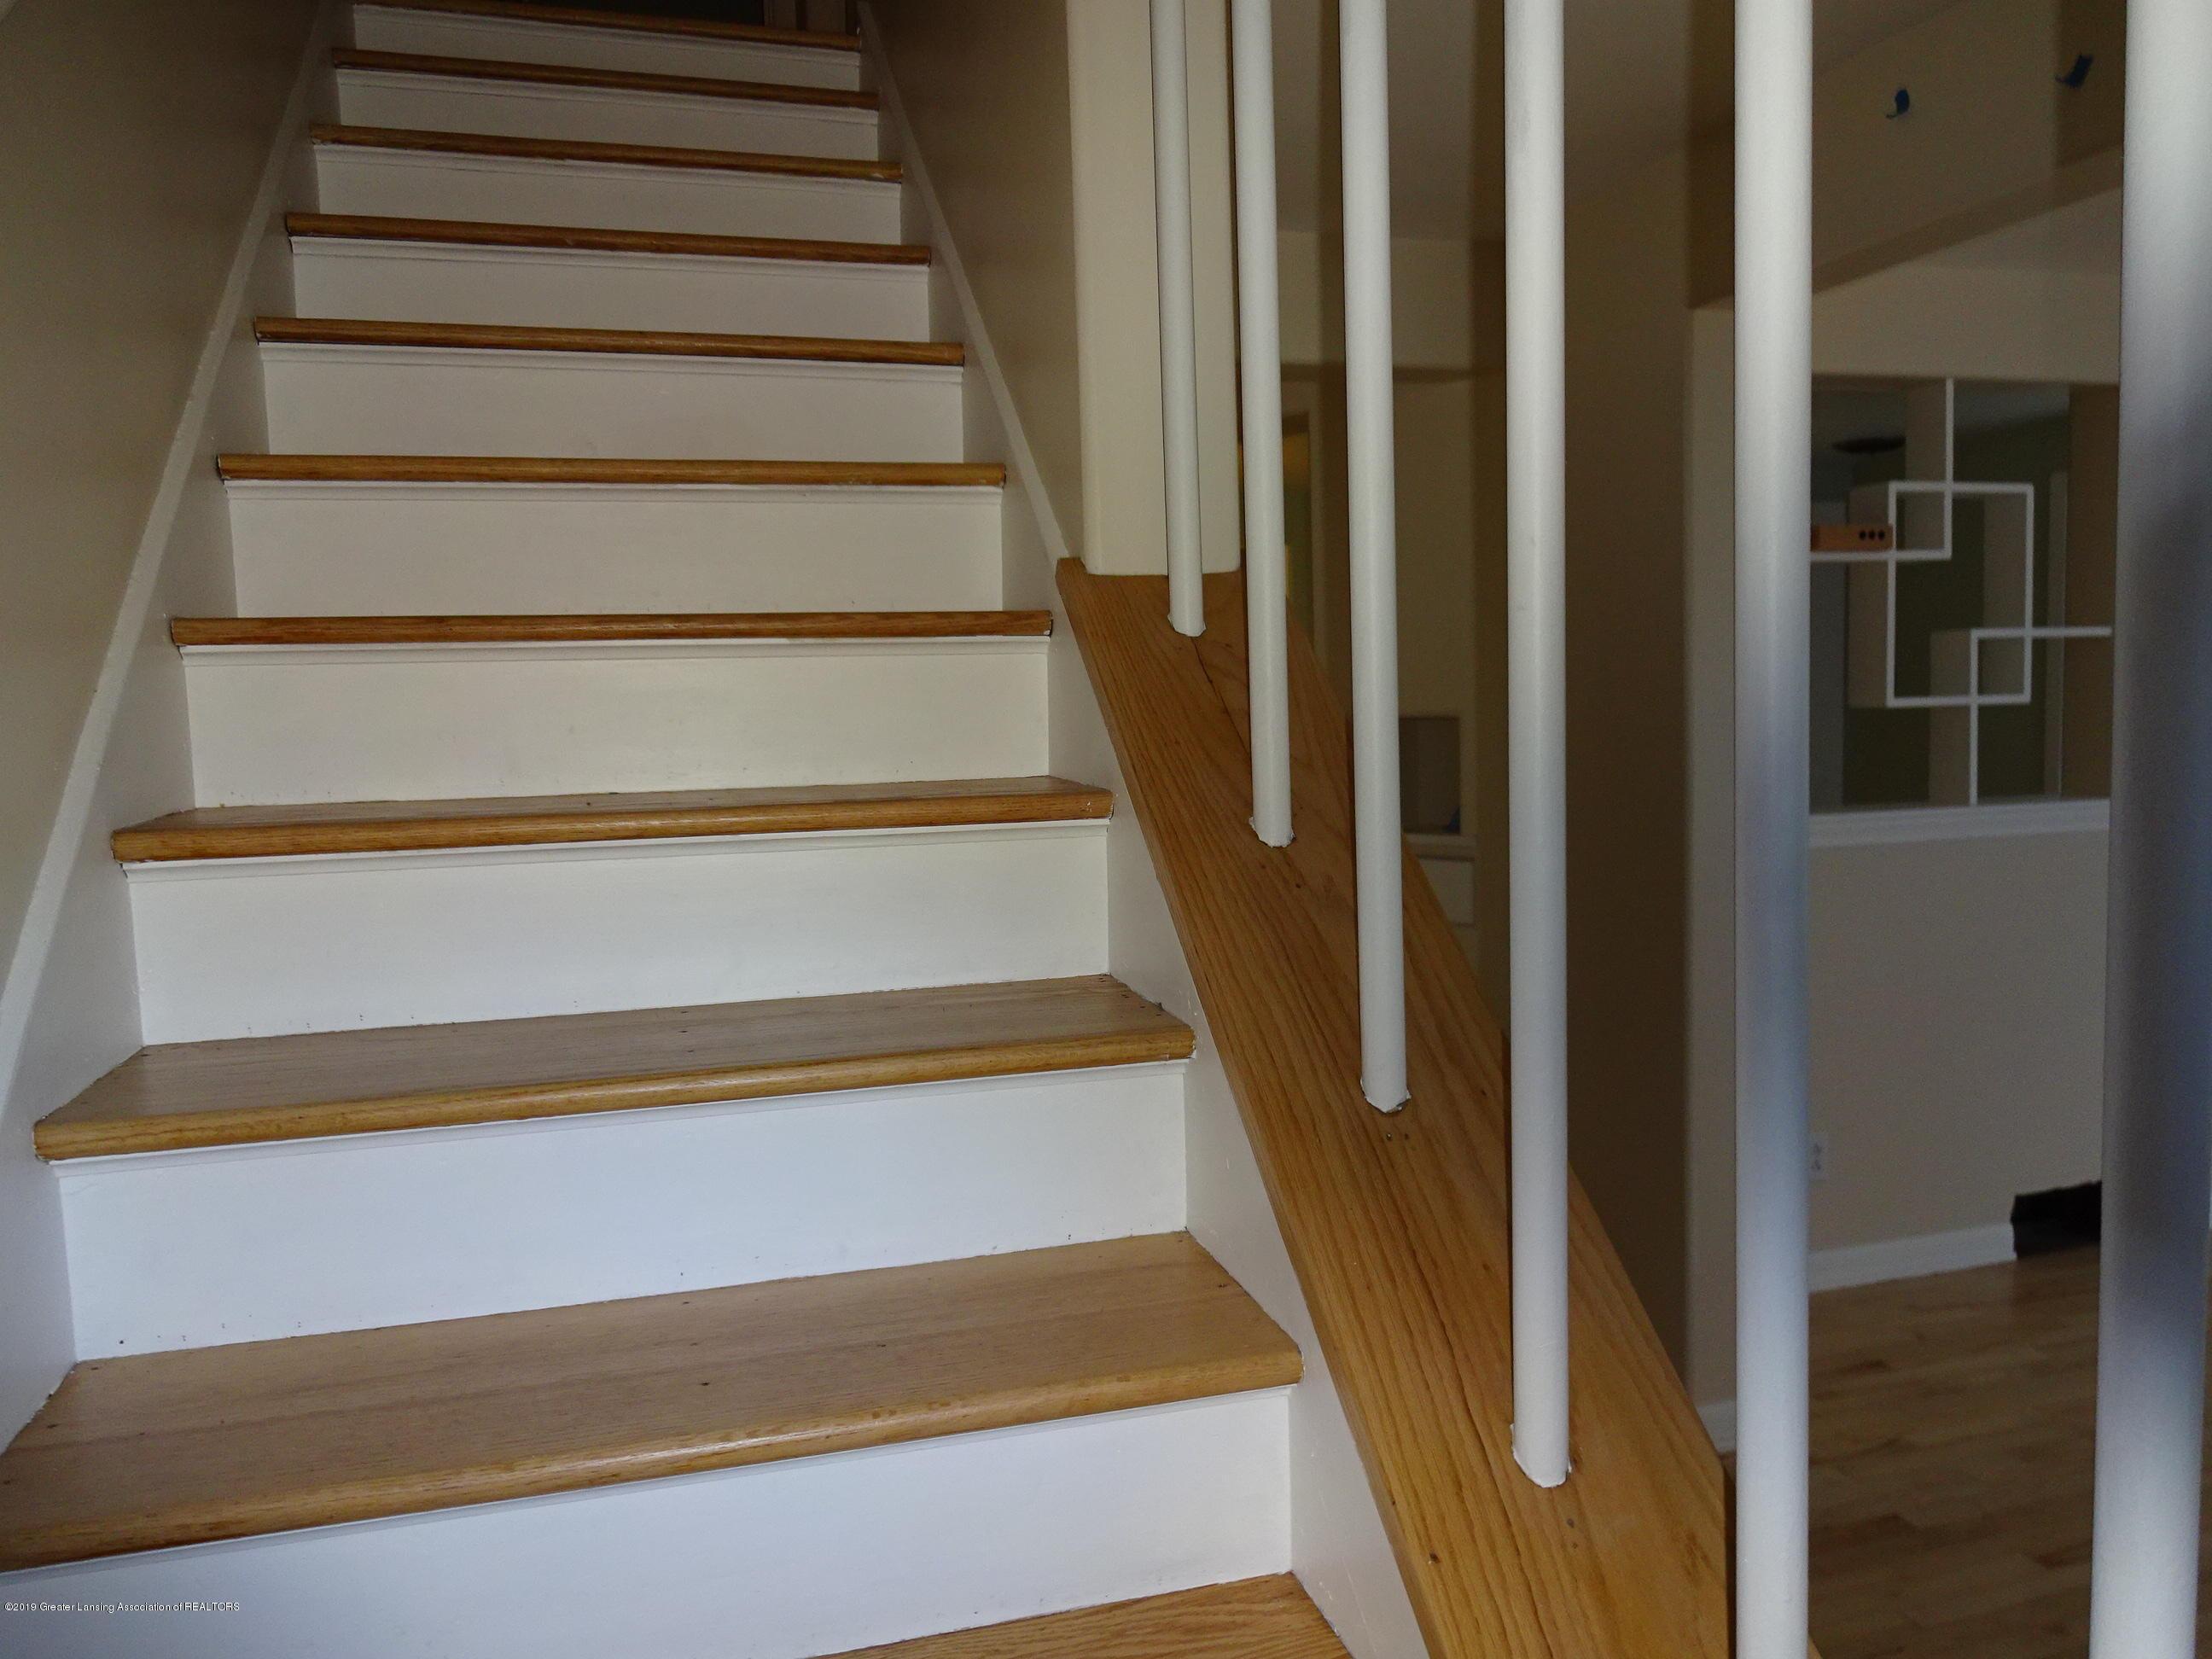 4632 Old Lansing Rd - old lansing rd stairs - 7